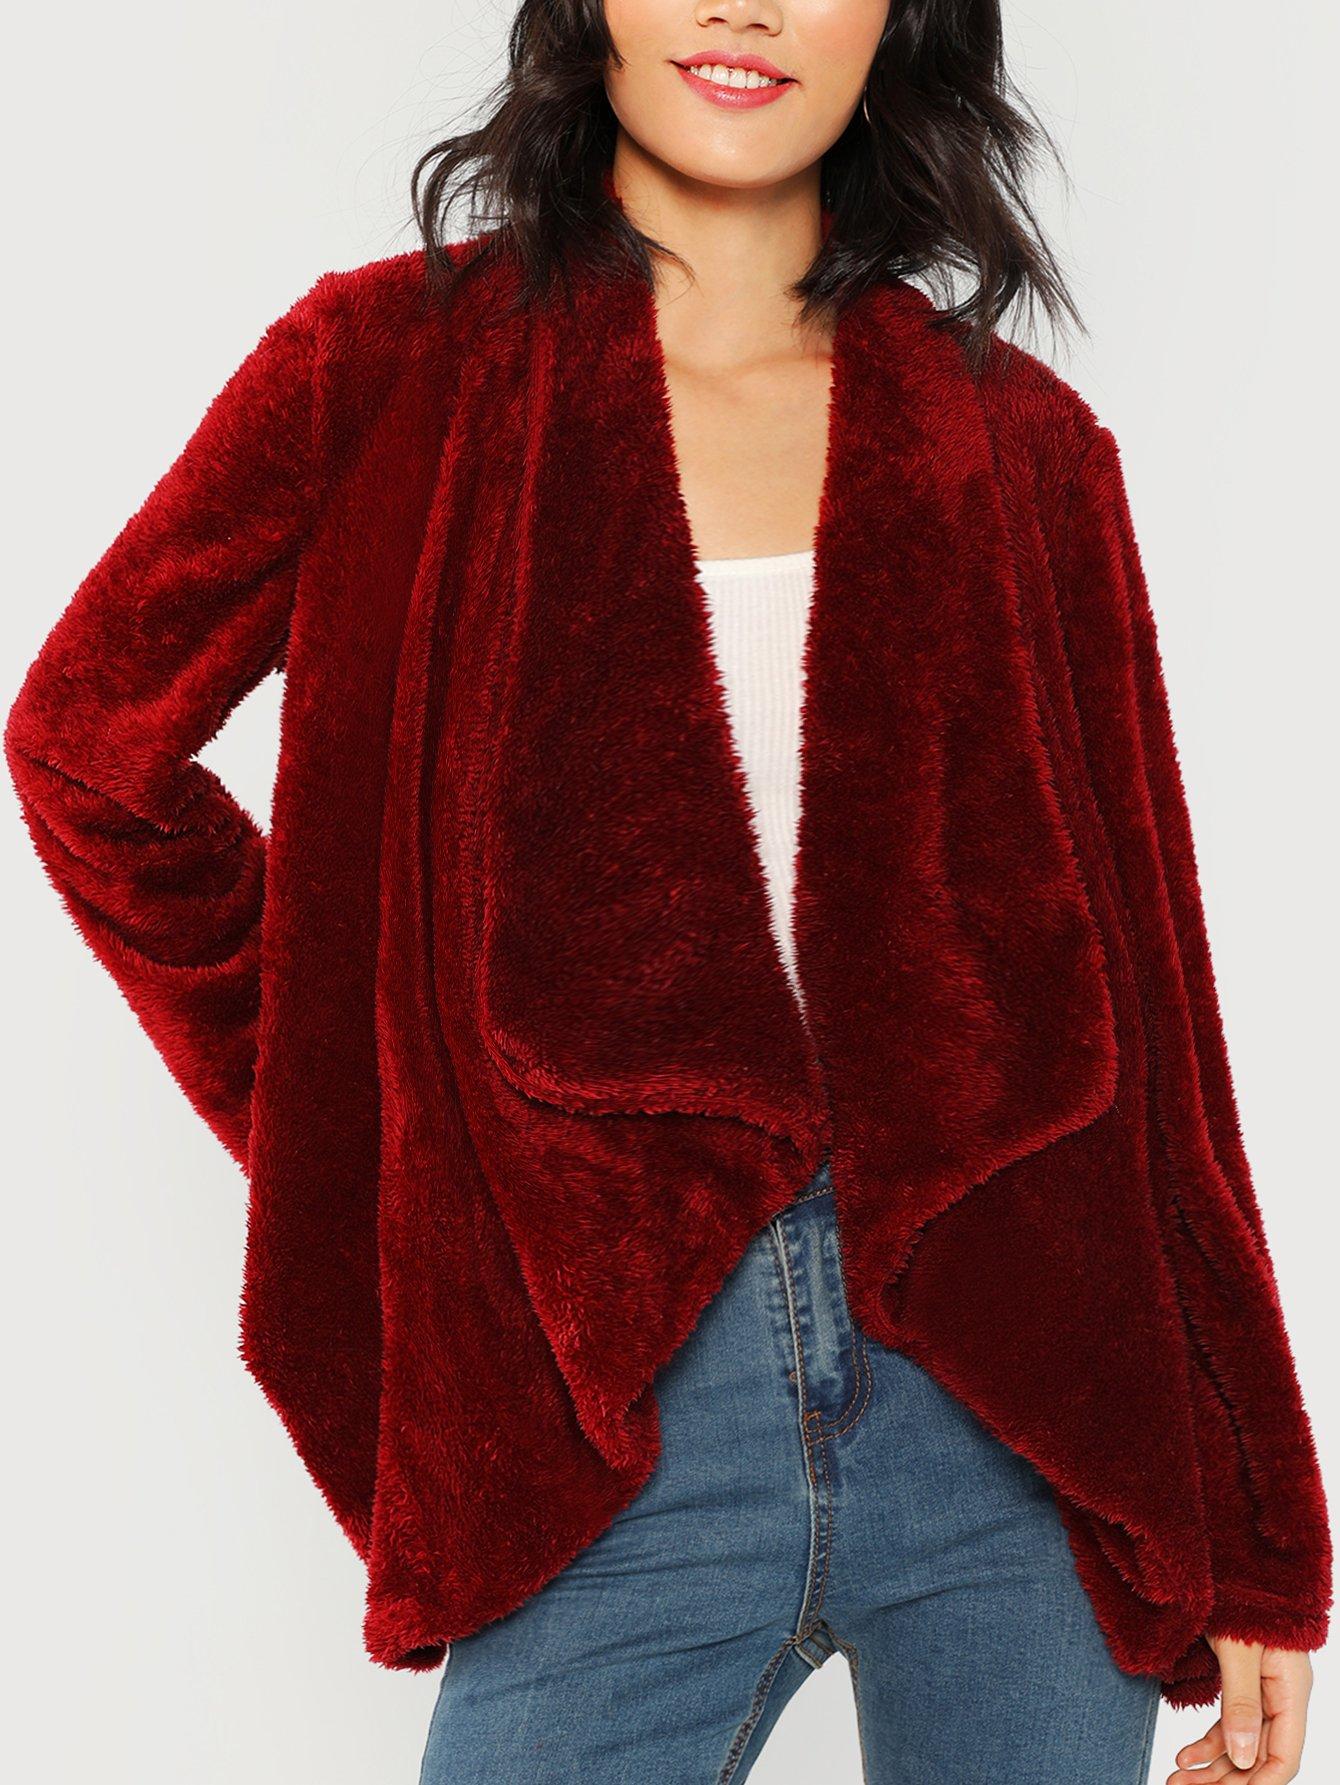 Купить Тедди пальто из искусственных кож с вырезом водопада, Meng Zheng, SheIn